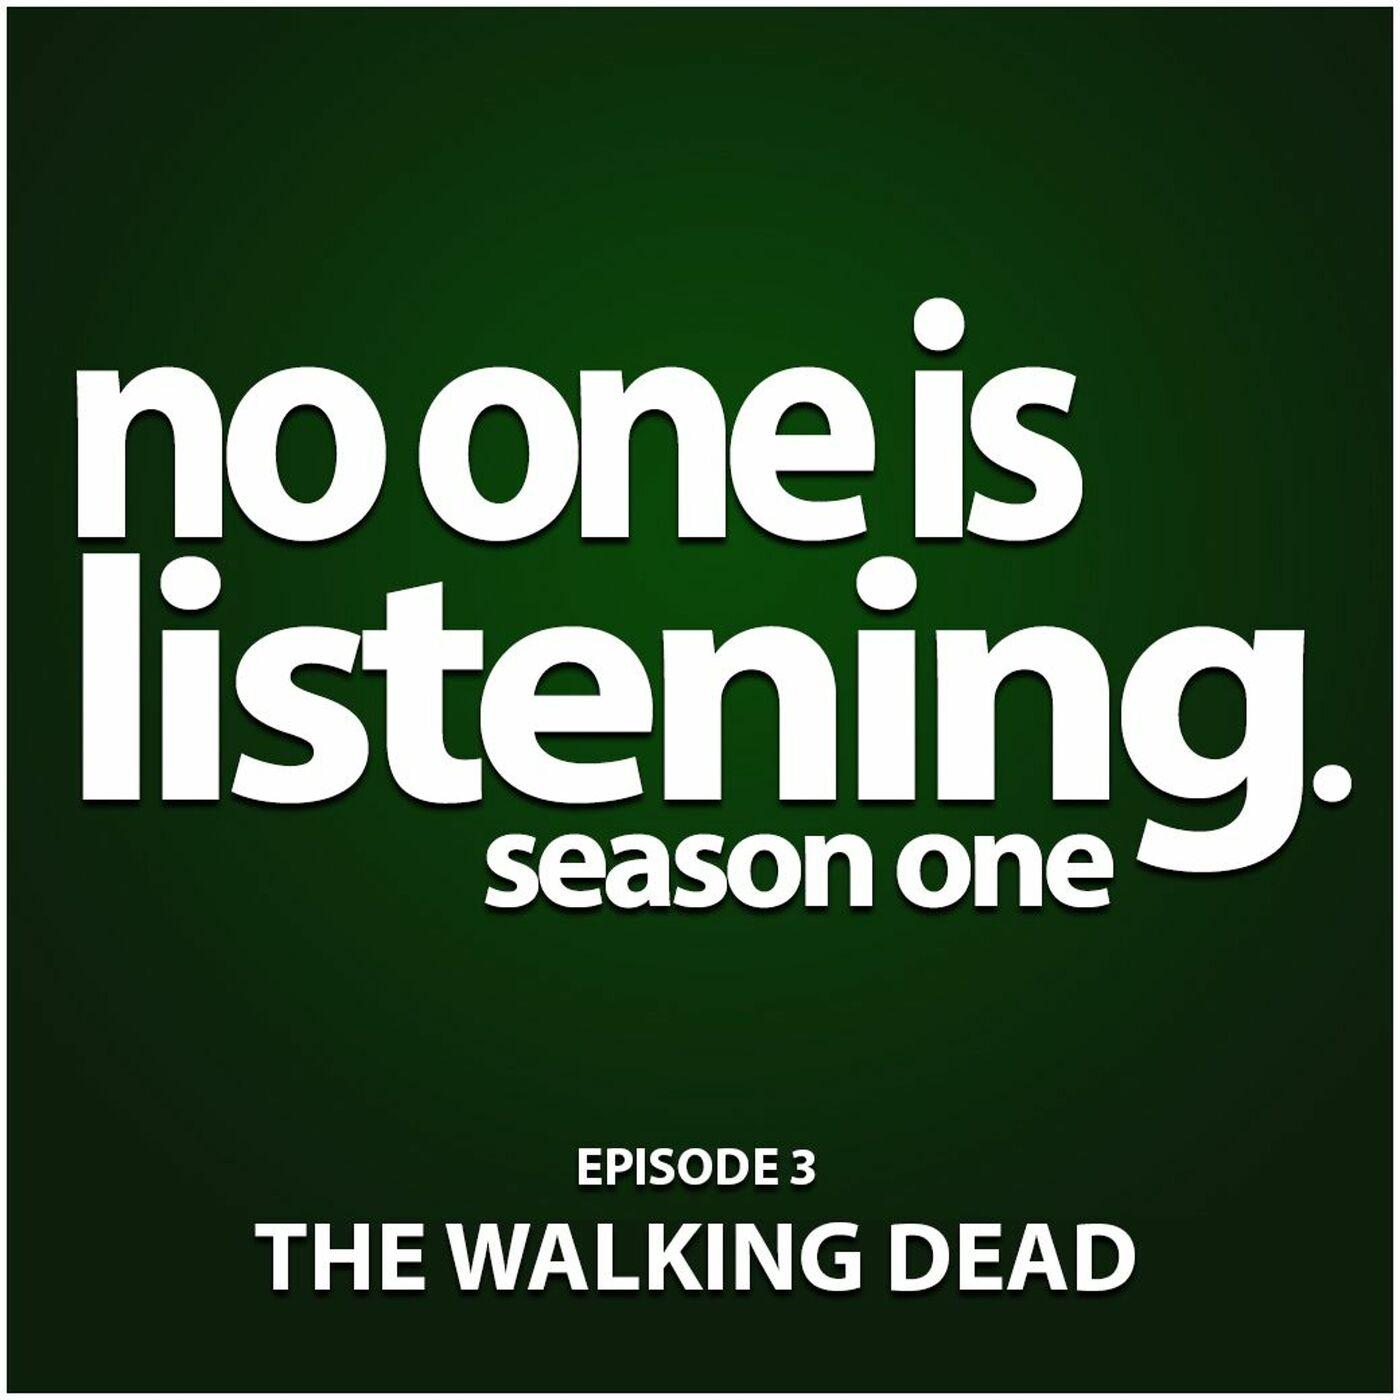 S1E3 The Walking Dead